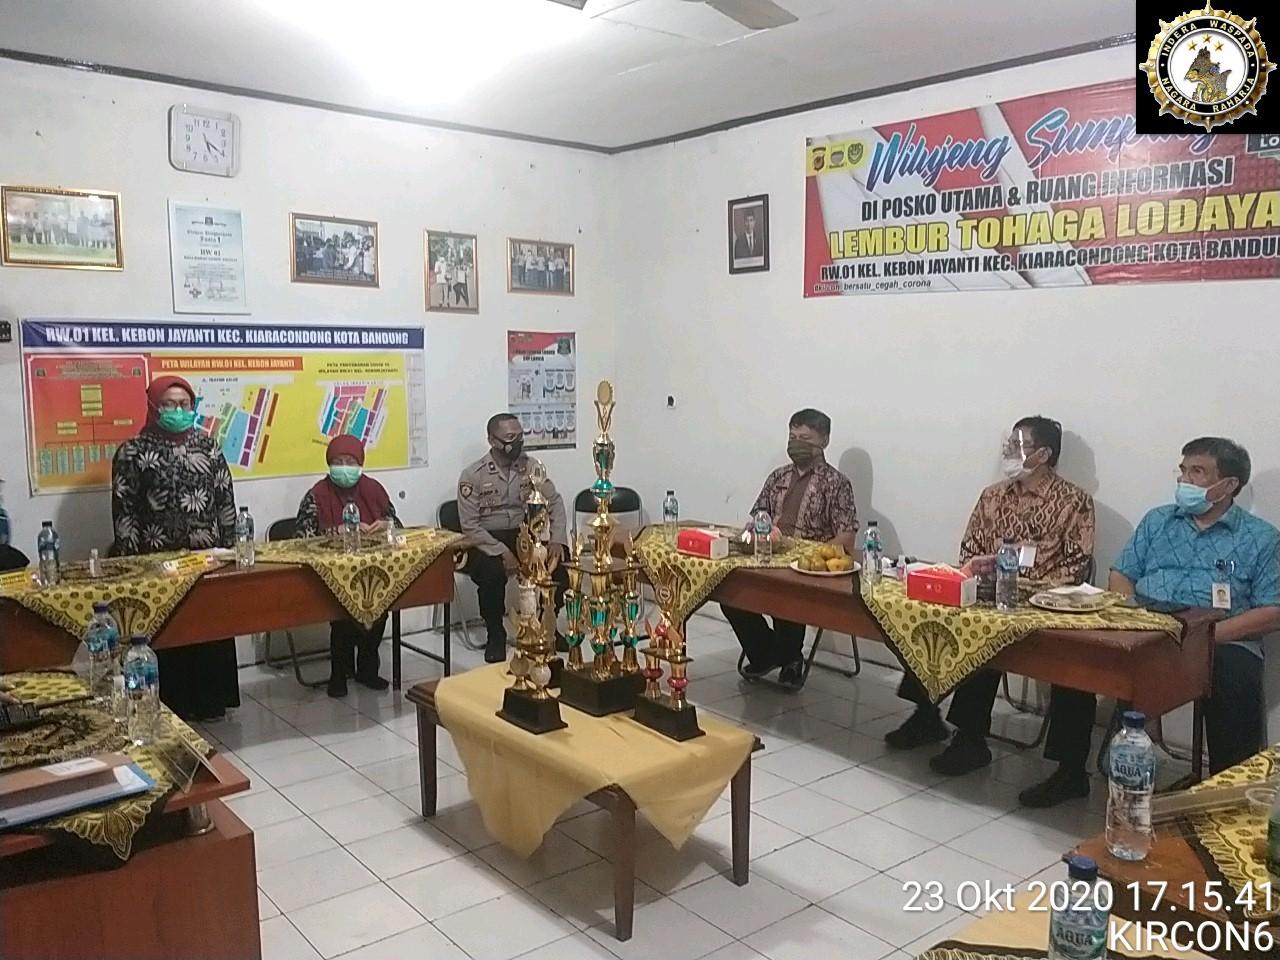 """Giat Supervisi oleh Tim Staf Presiden RI ke Kampung Tangguh Nusantara """" Lembur Tohaga Lodaya"""" Kiaracondong Bandung"""